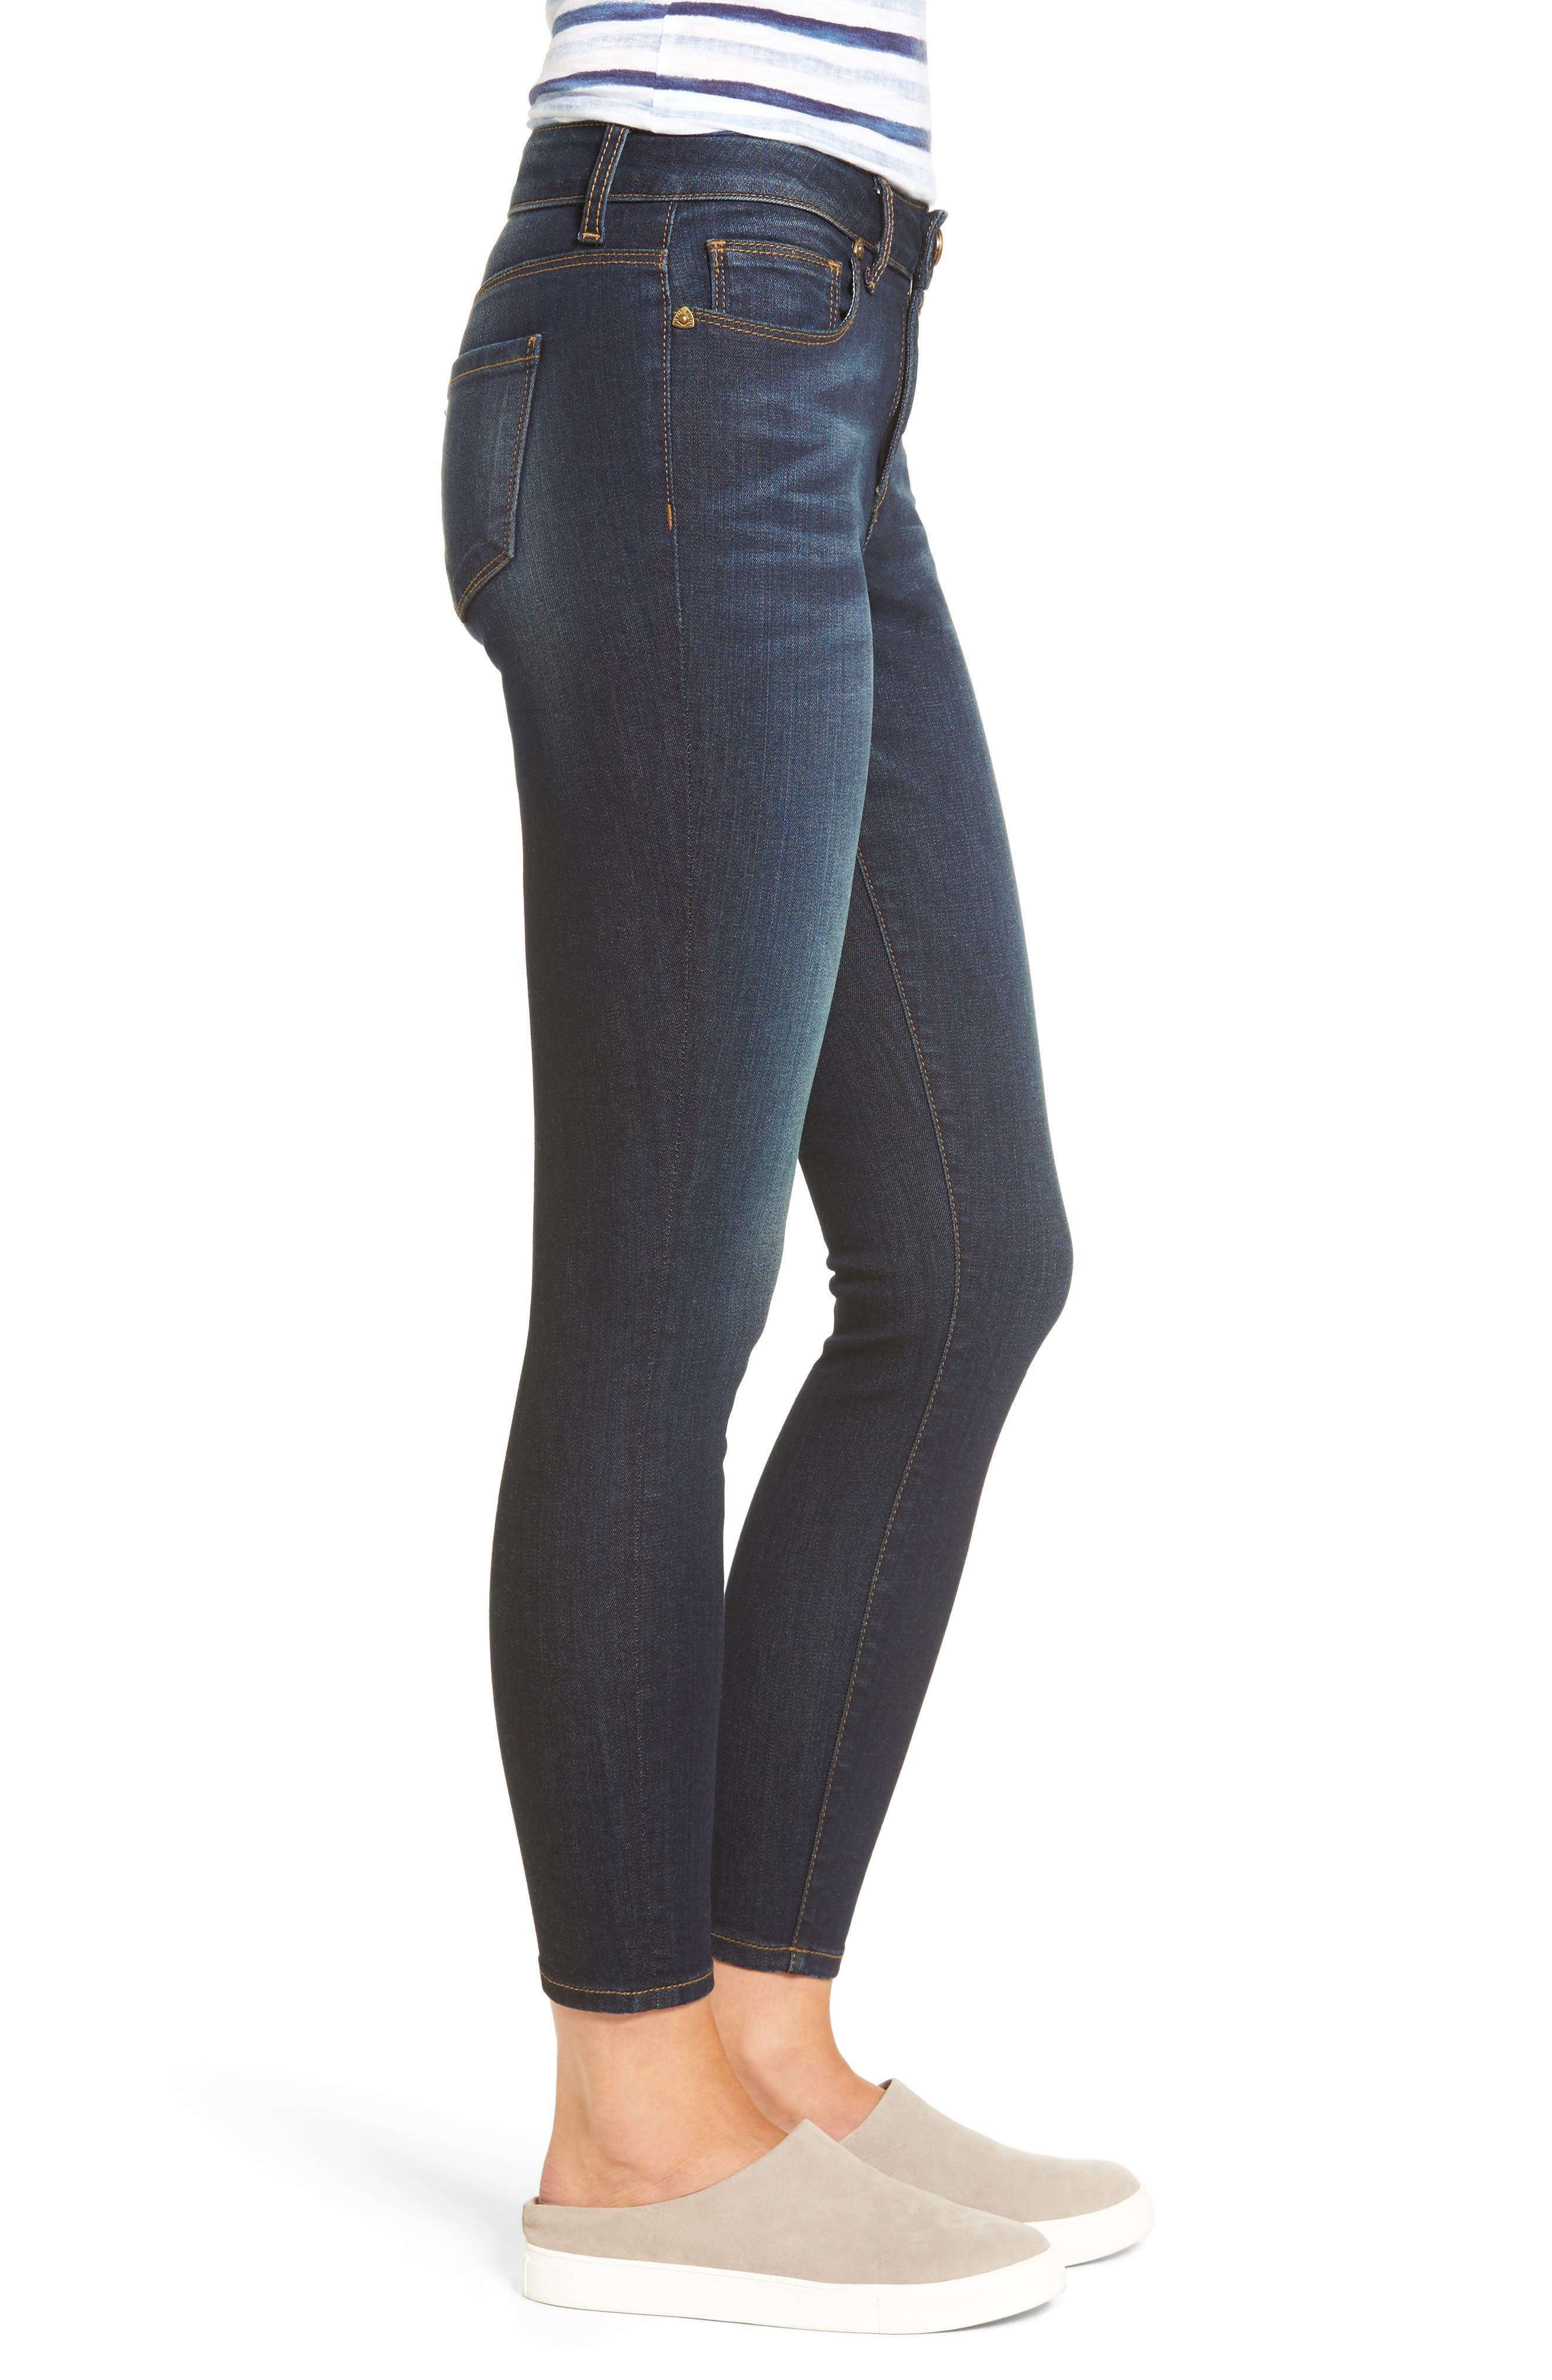 Alternate Image 3  - KUT from the Kloth Kurvy Ankle Skinny Jeans (Blinding)